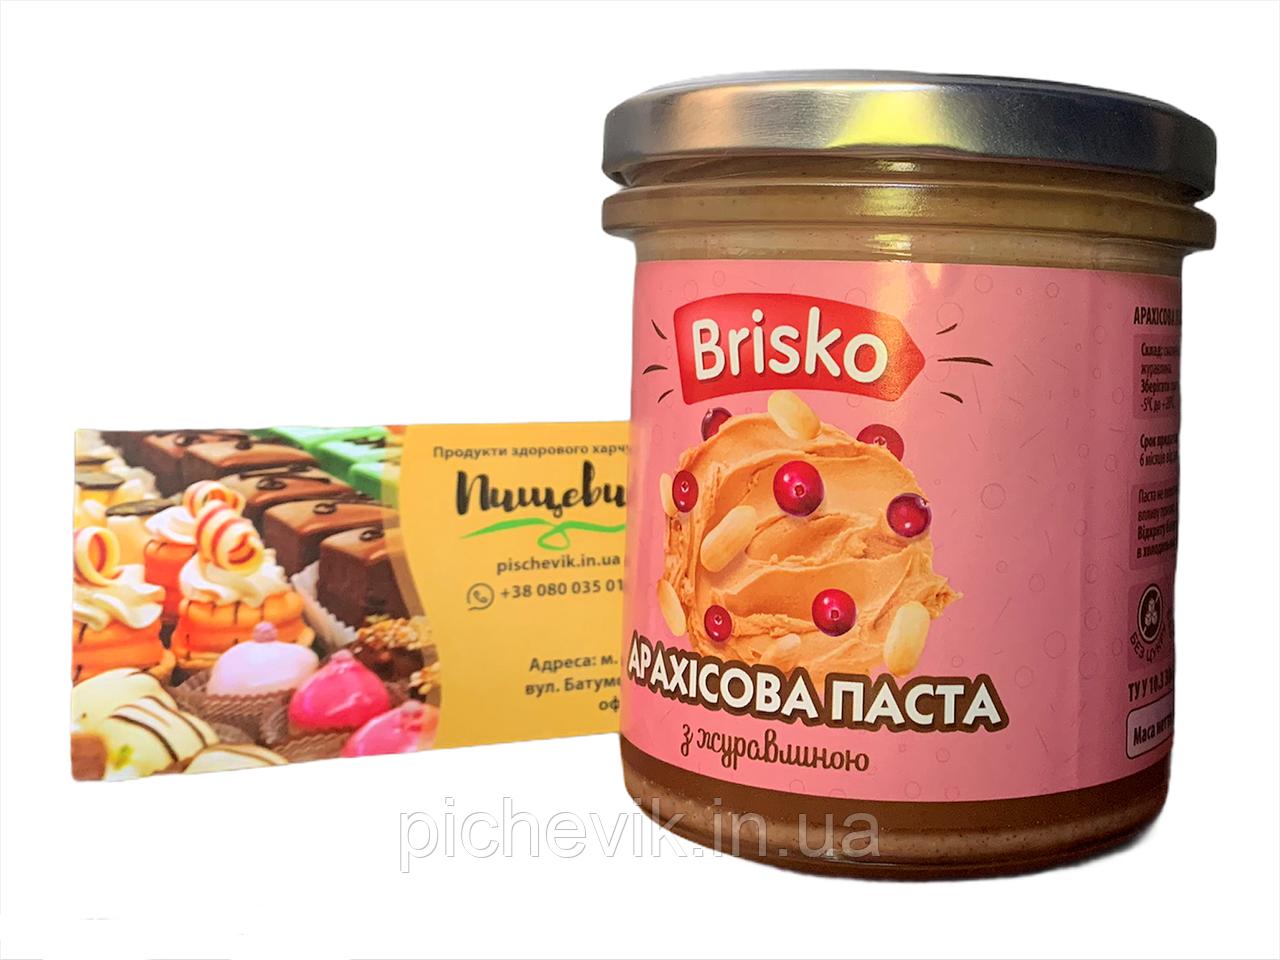 Арахисовая паста с журавлиной ТМ Brisko (Украина) Вес:300 грамм